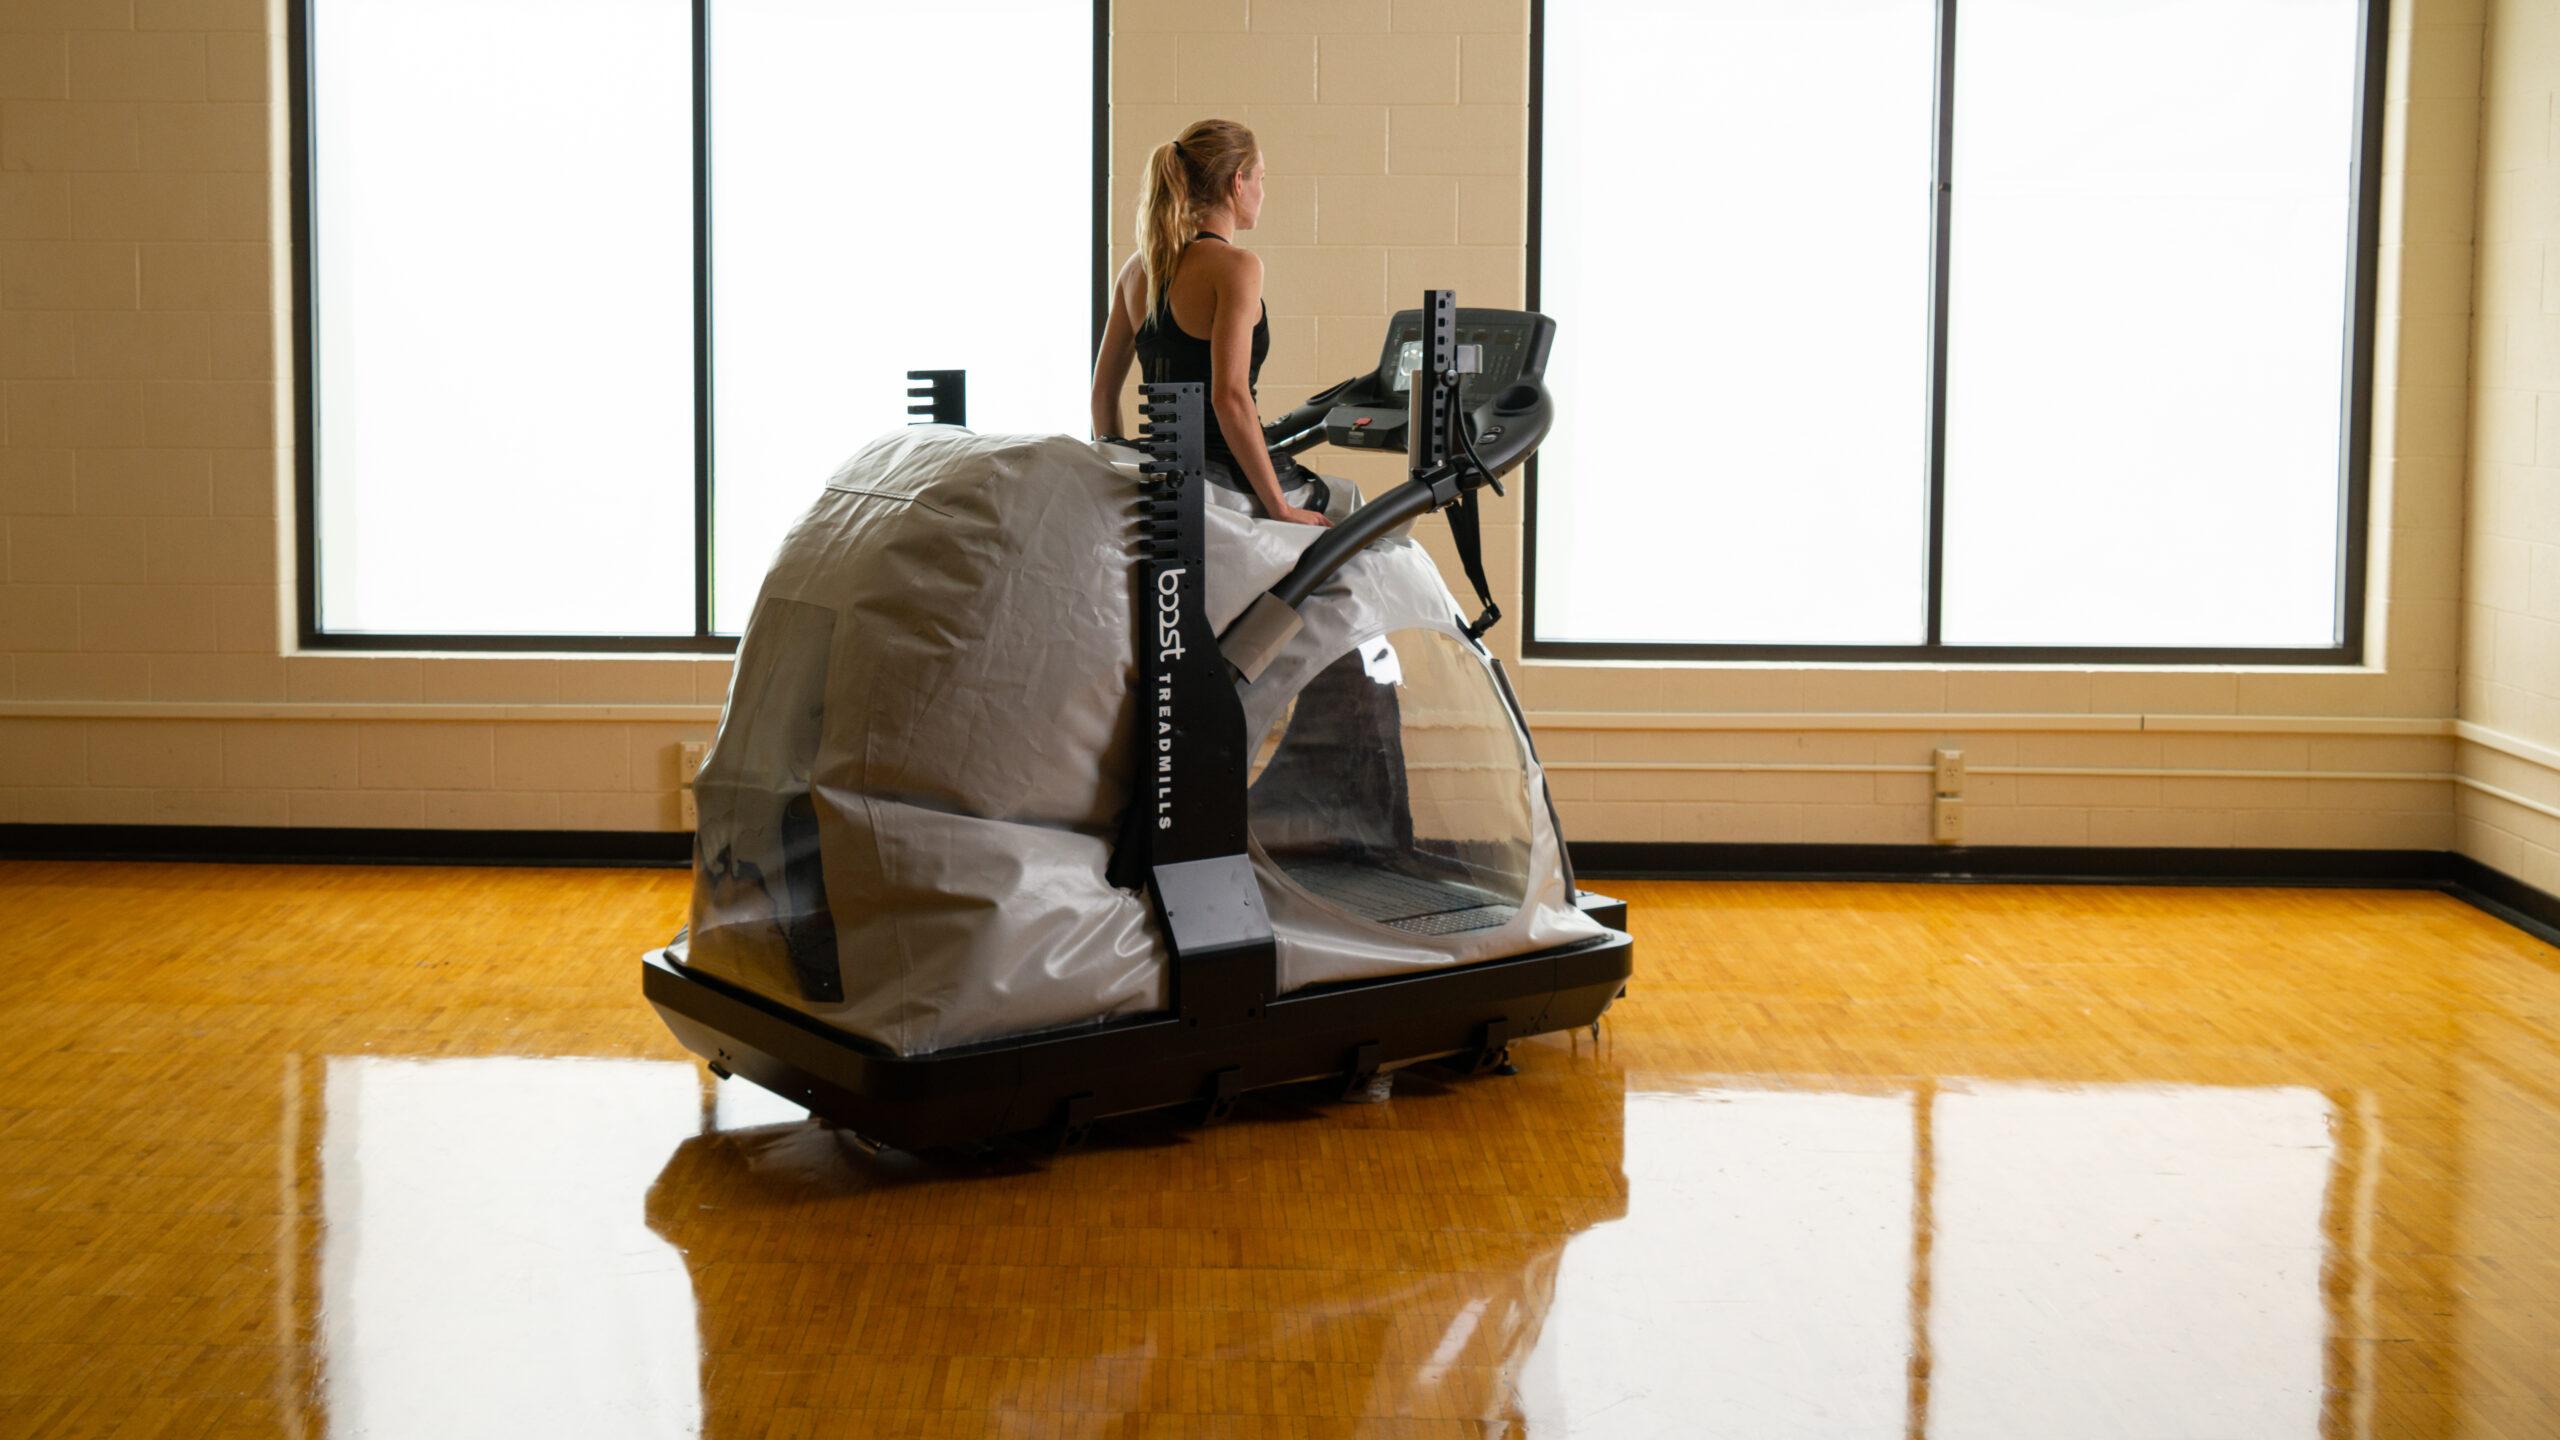 Runner using the Boost Treadmill.